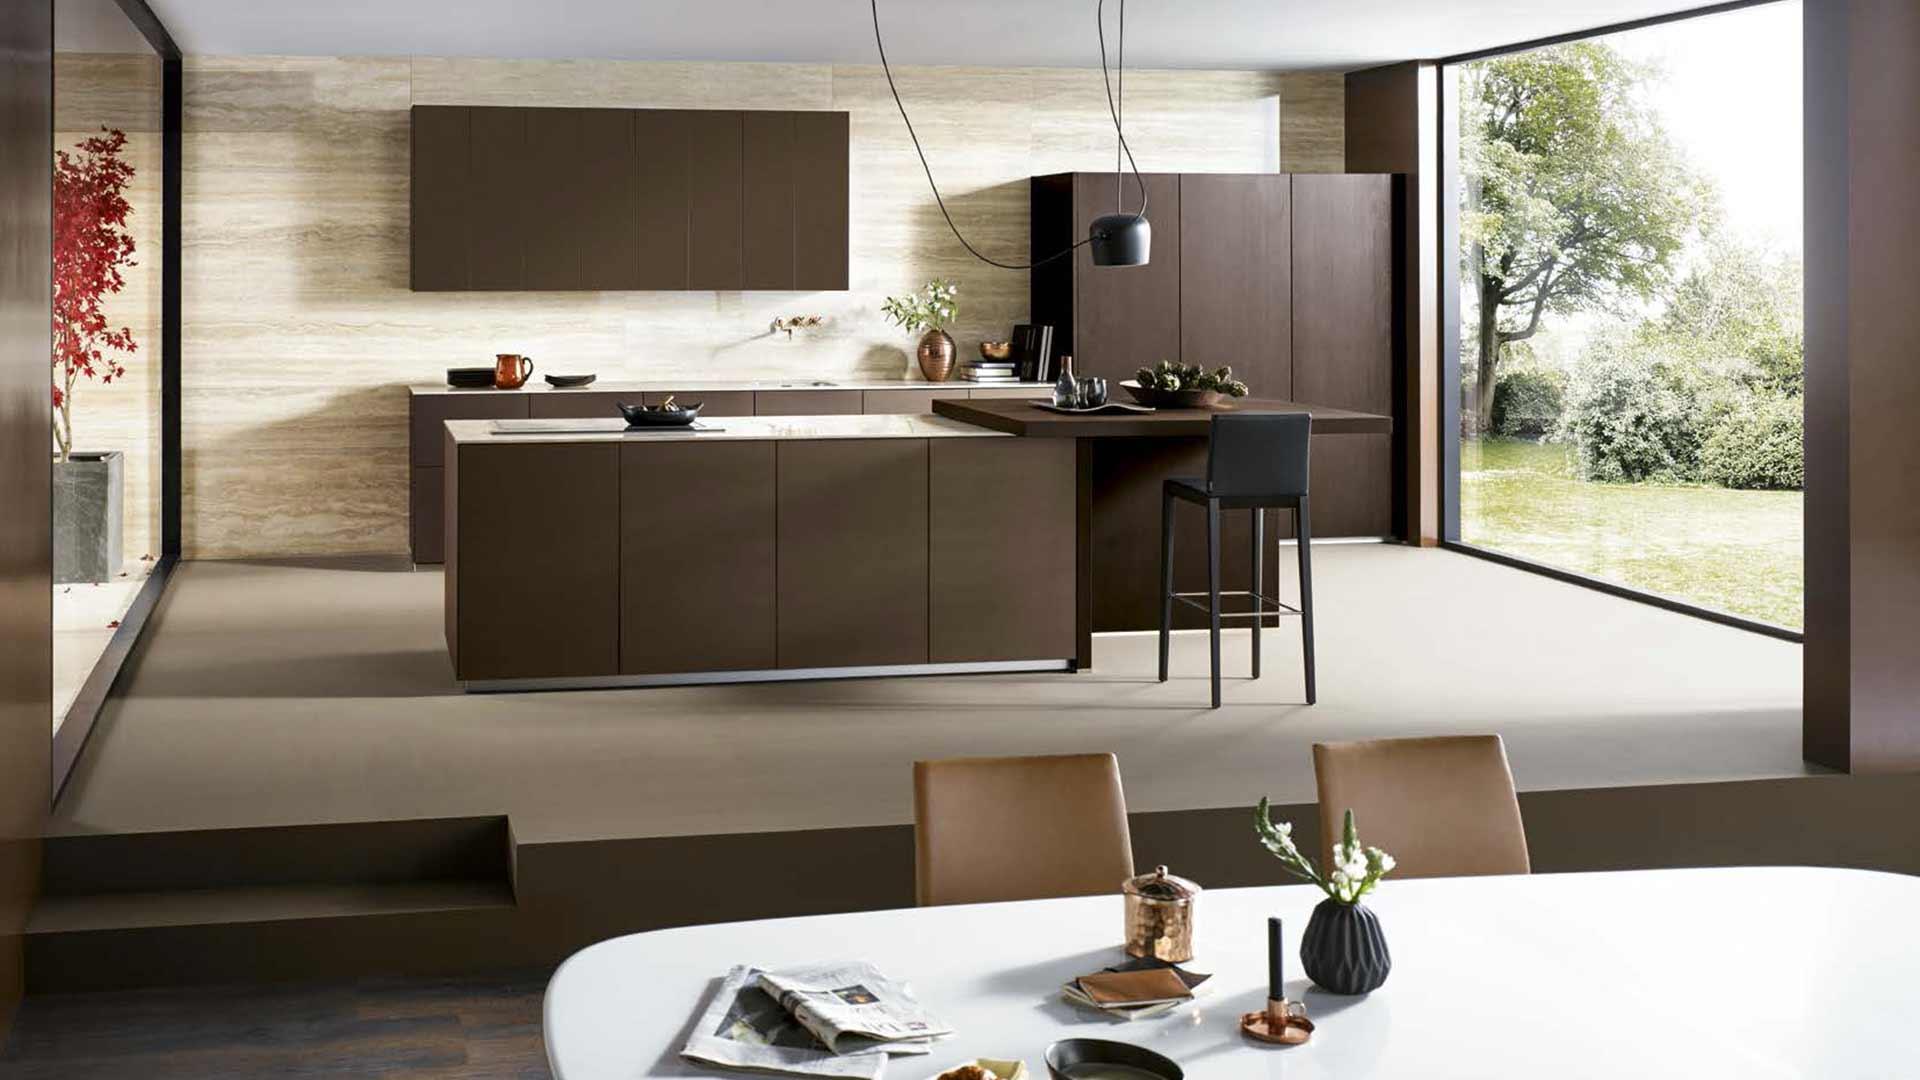 Siematic Küche 60er. Küche Amerikanischer Stil Playtive Outdoor Holz ...